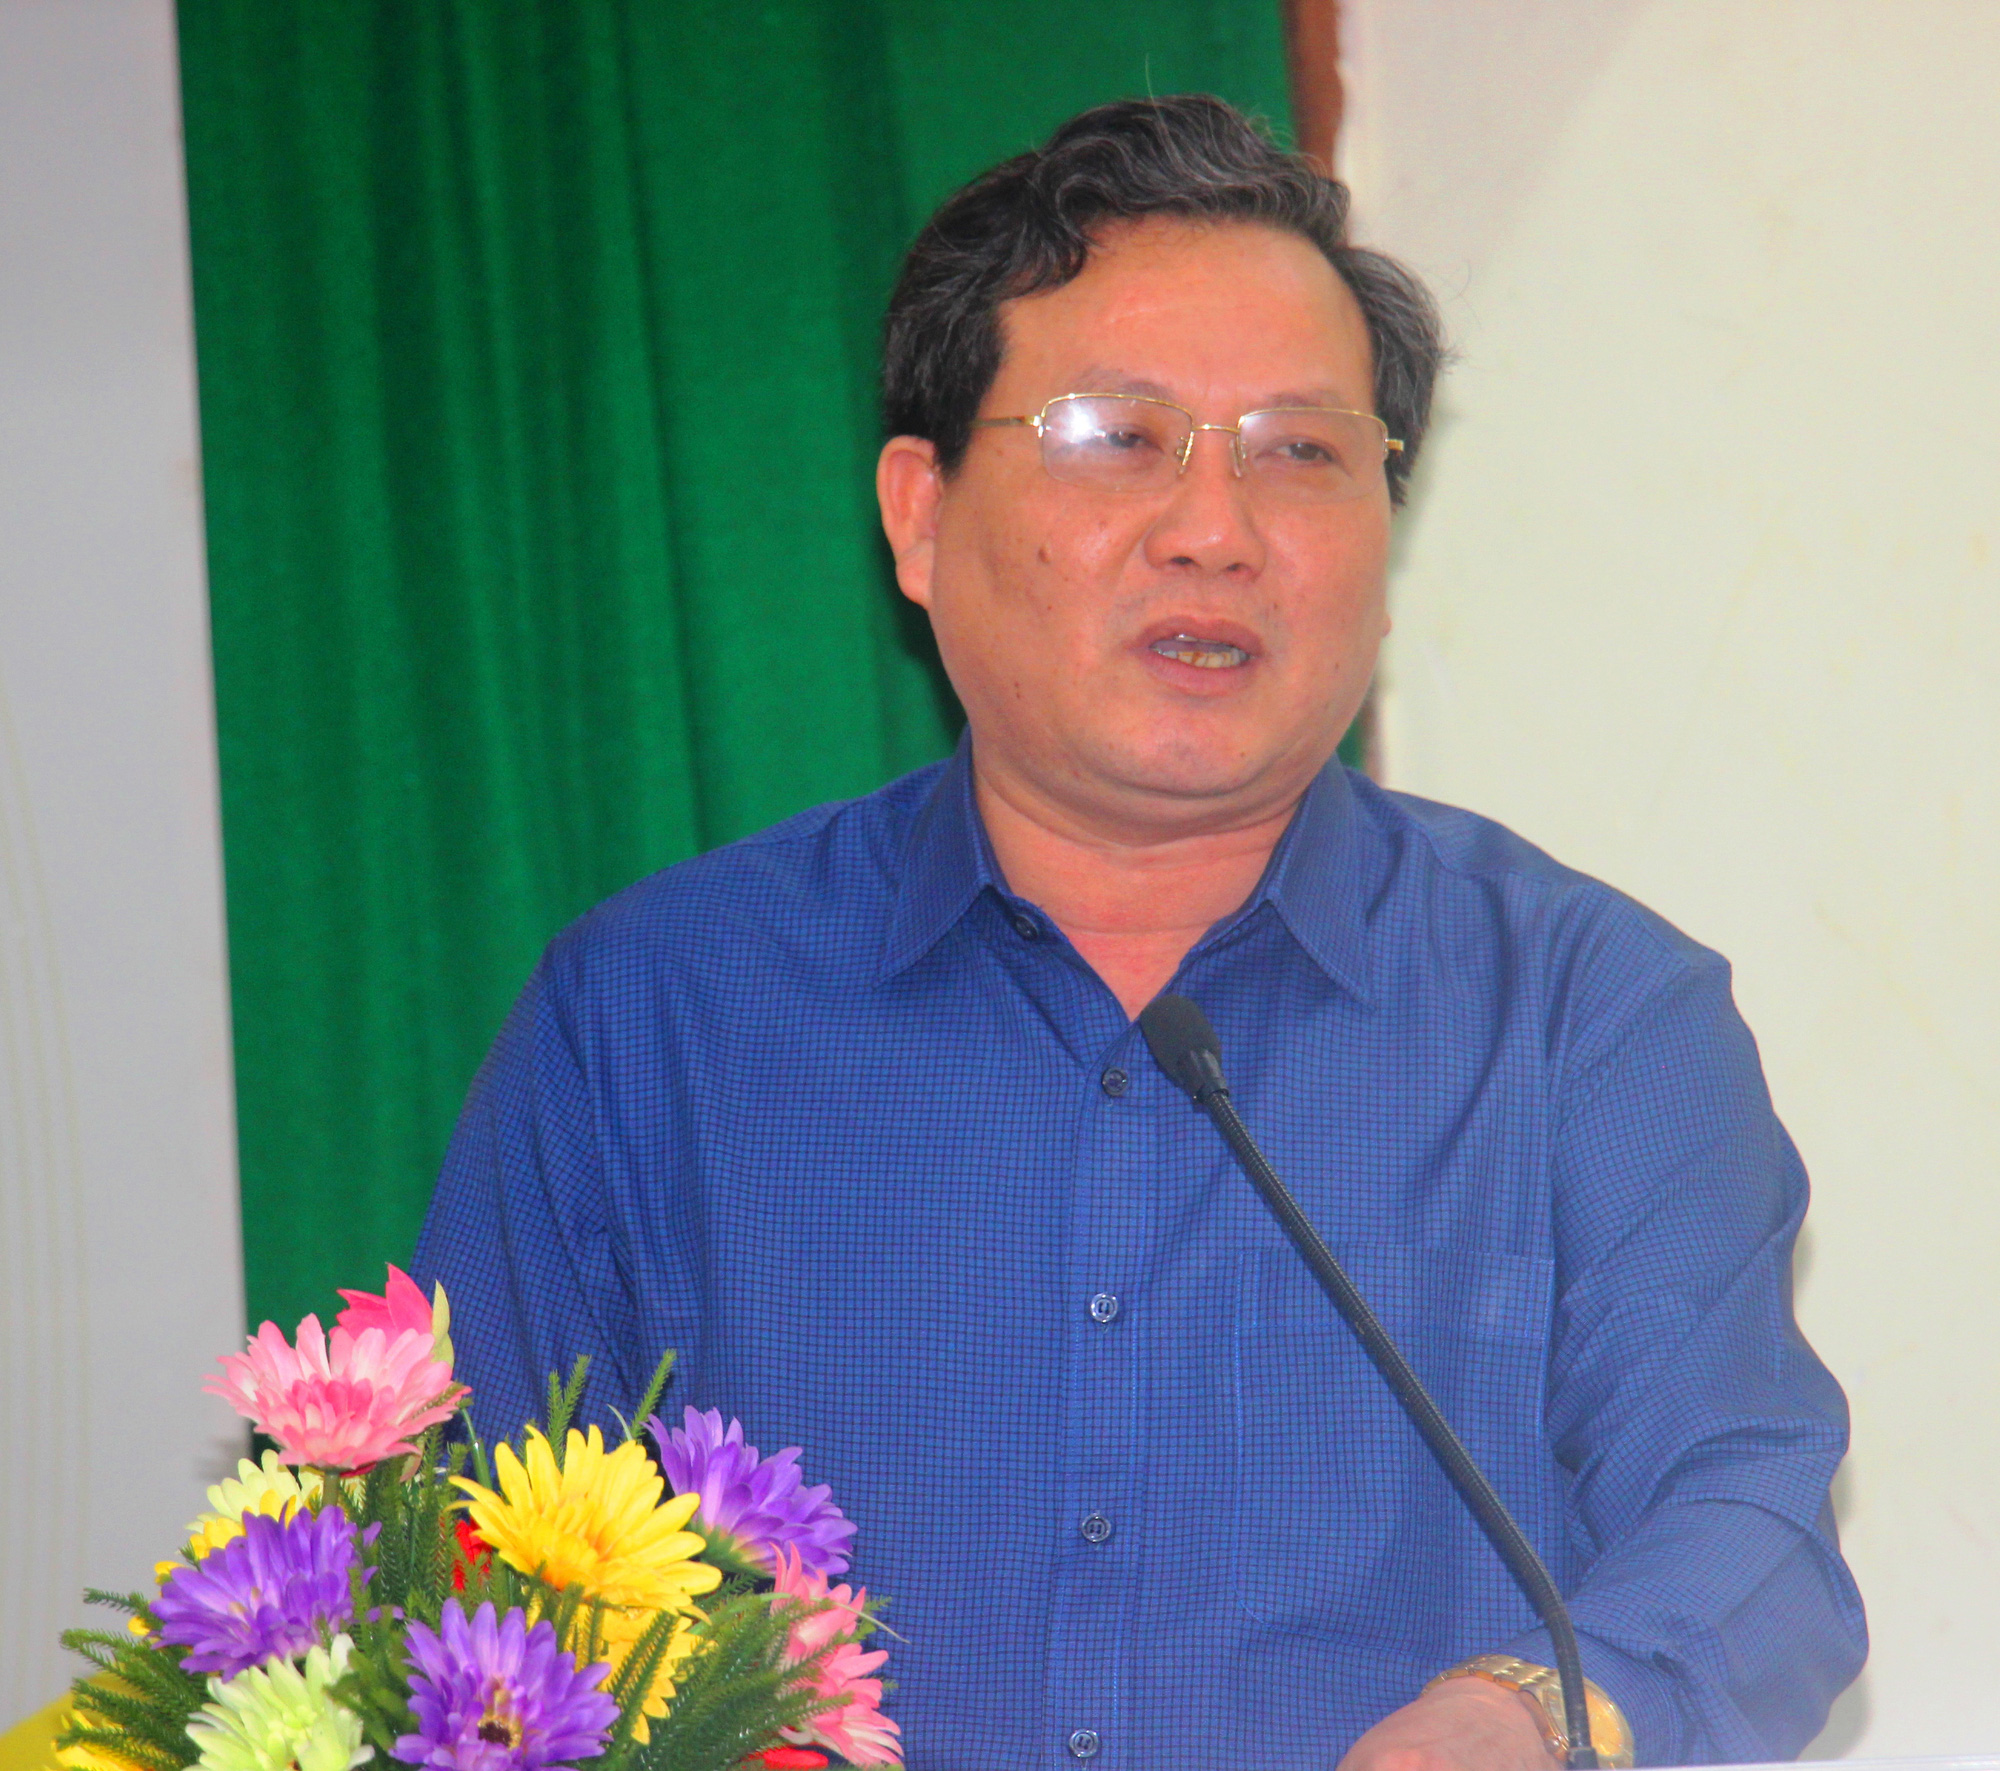 """Chủ tịch Hội Nông dân tỉnh Bình Định """"tiết lộ"""" bí quyết gì để vốn hỗ trợ nông dân không thất thoát?"""